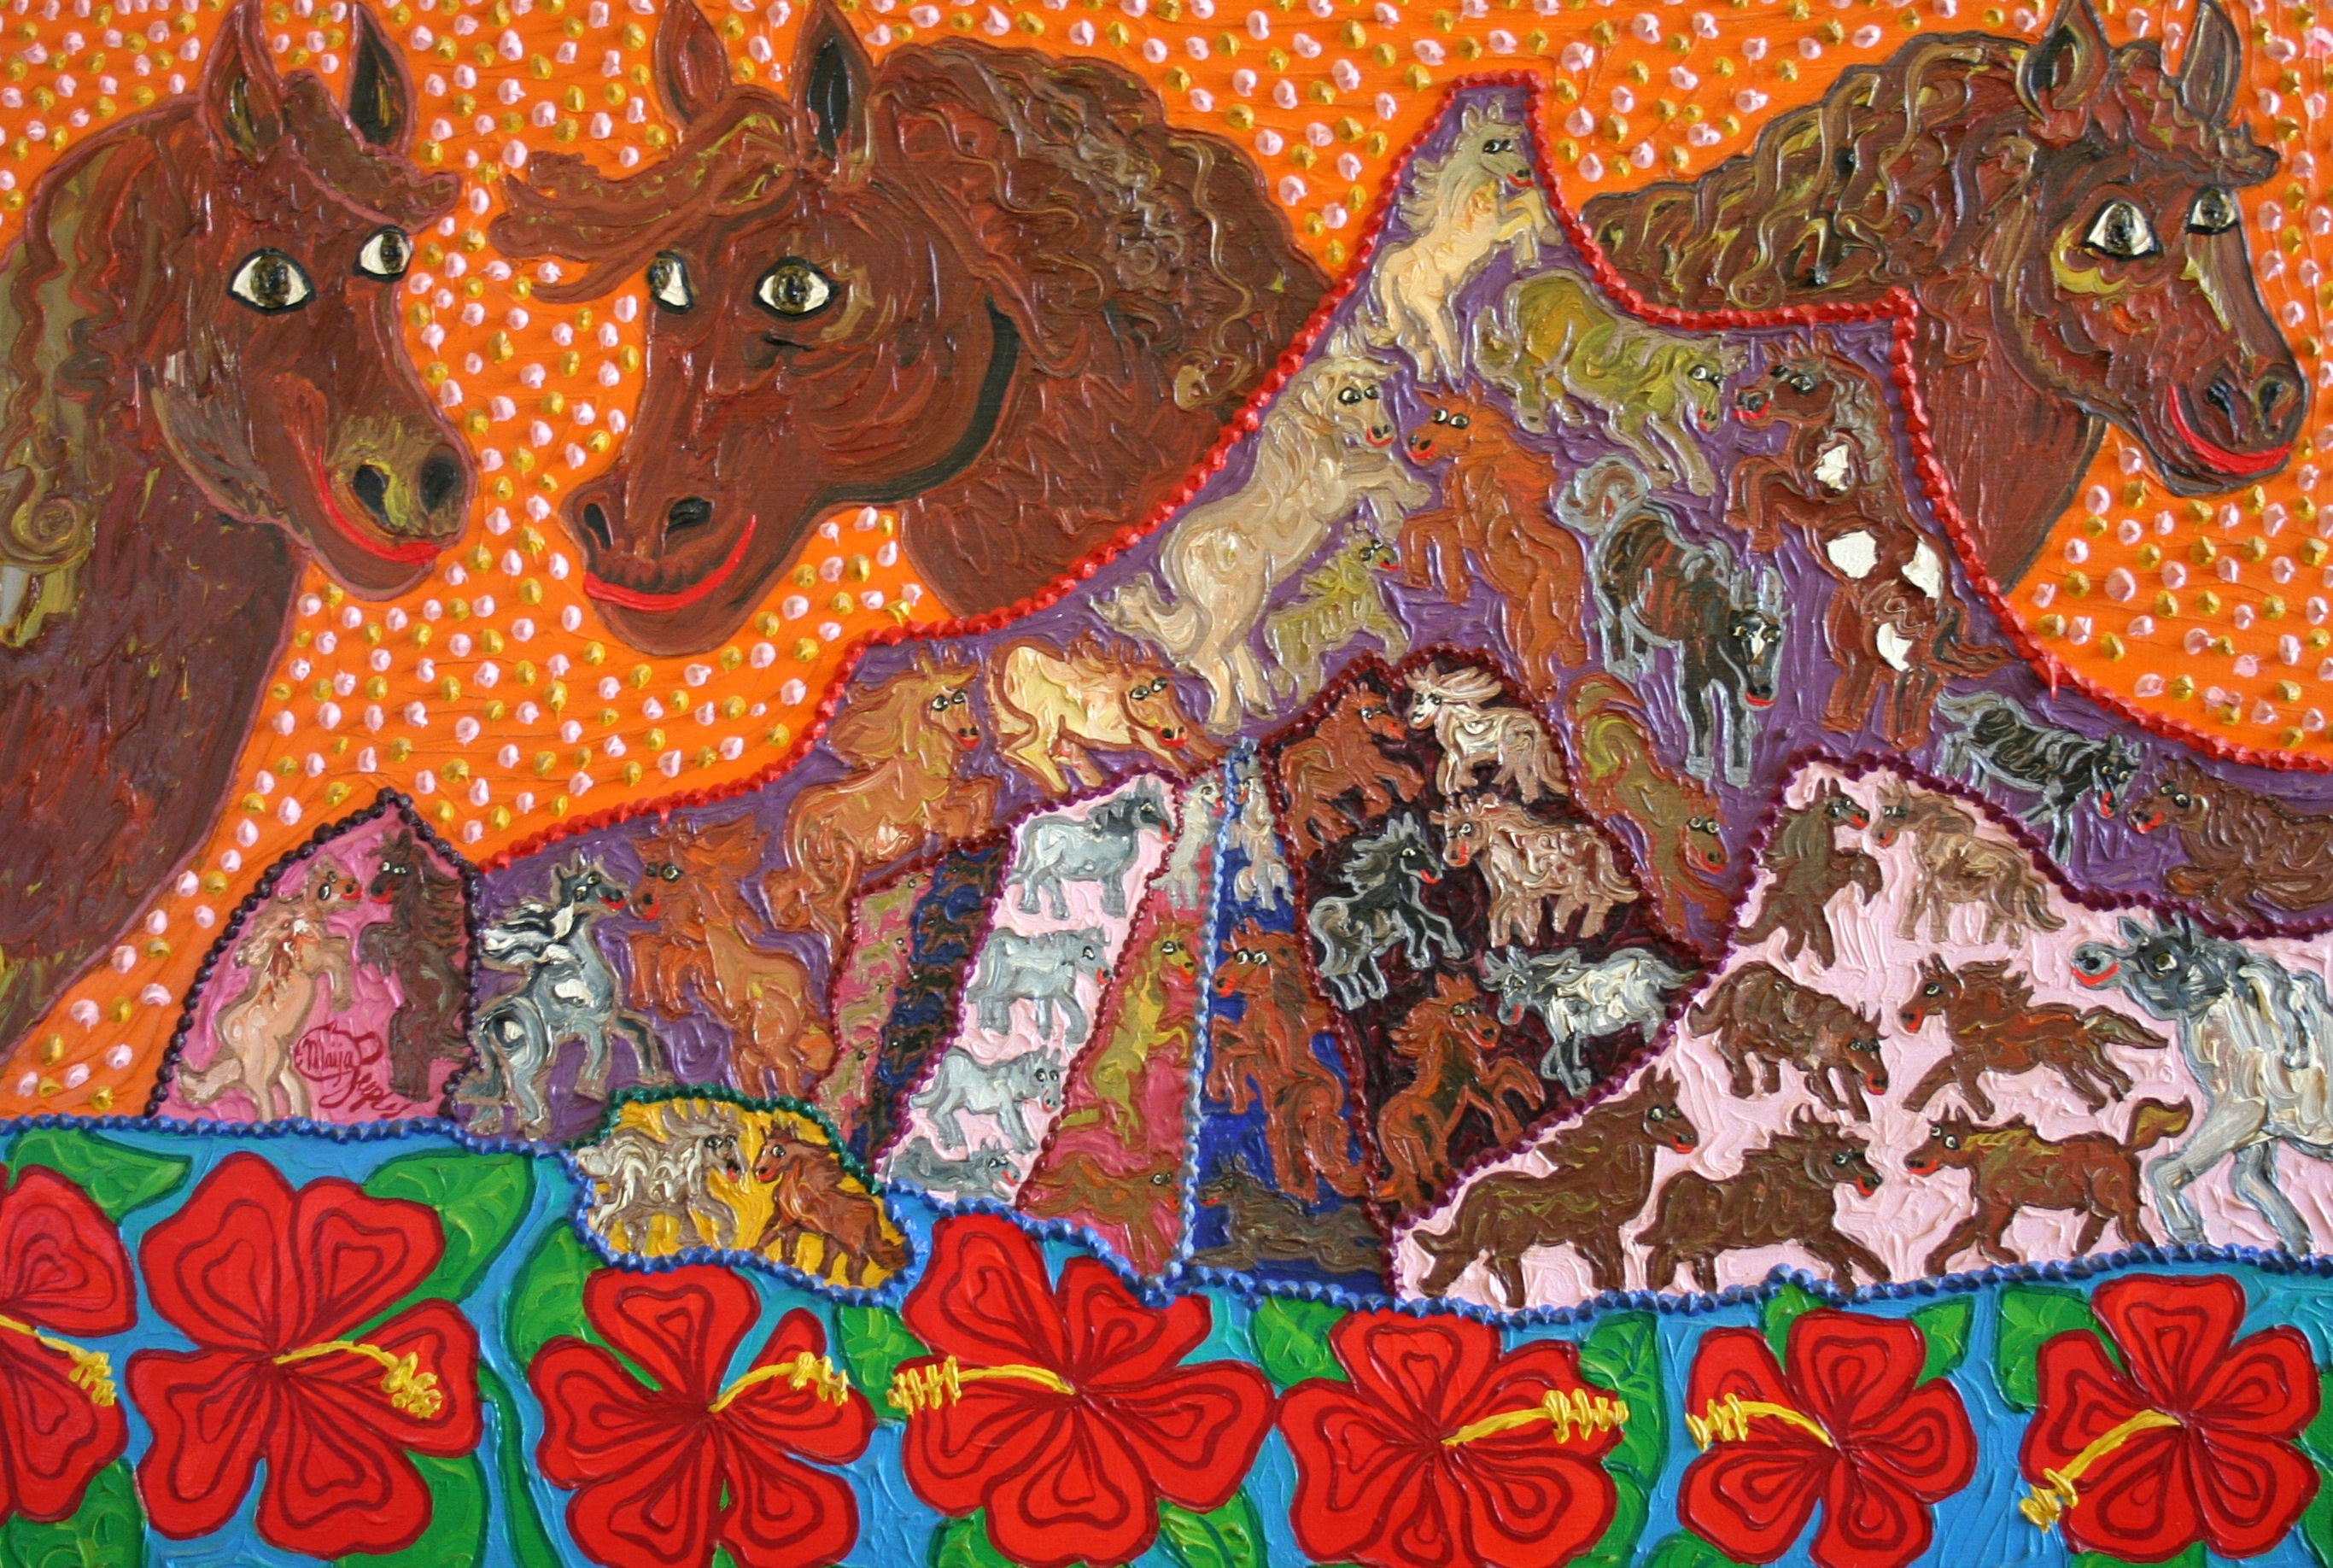 Maija Peeples Horses